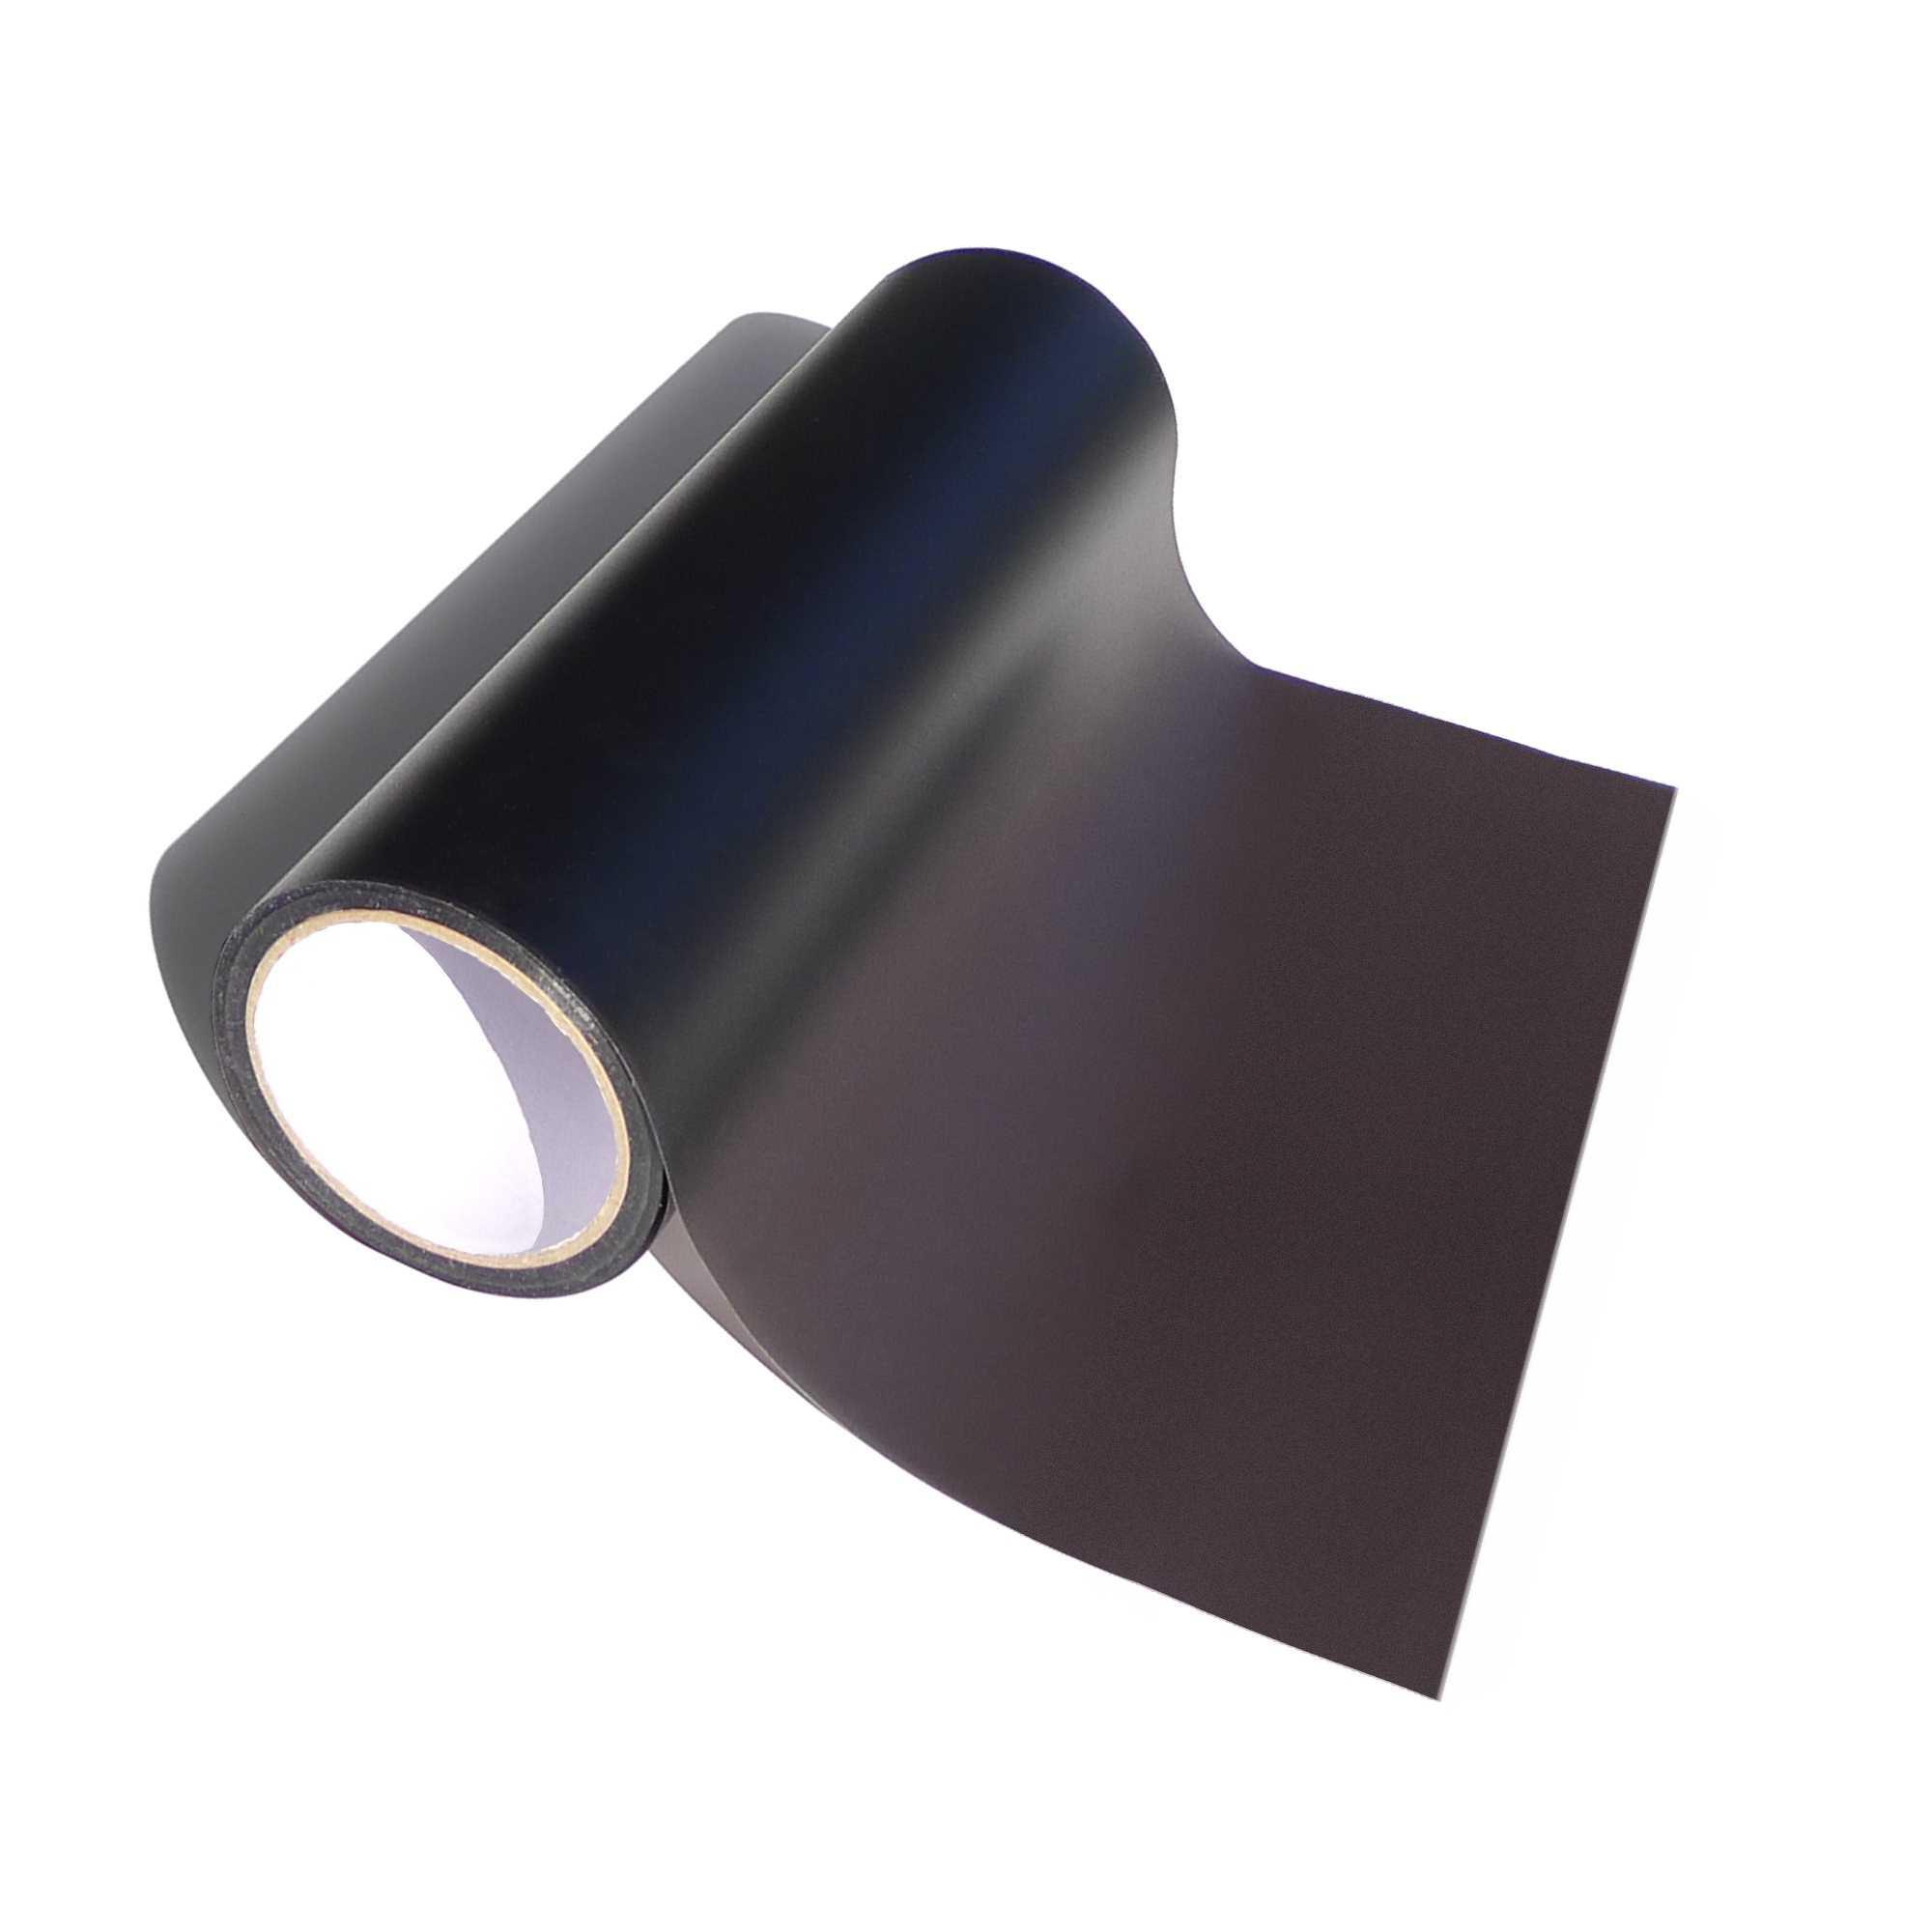 decoration exterieure adnauto protection noir mat 171512. Black Bedroom Furniture Sets. Home Design Ideas